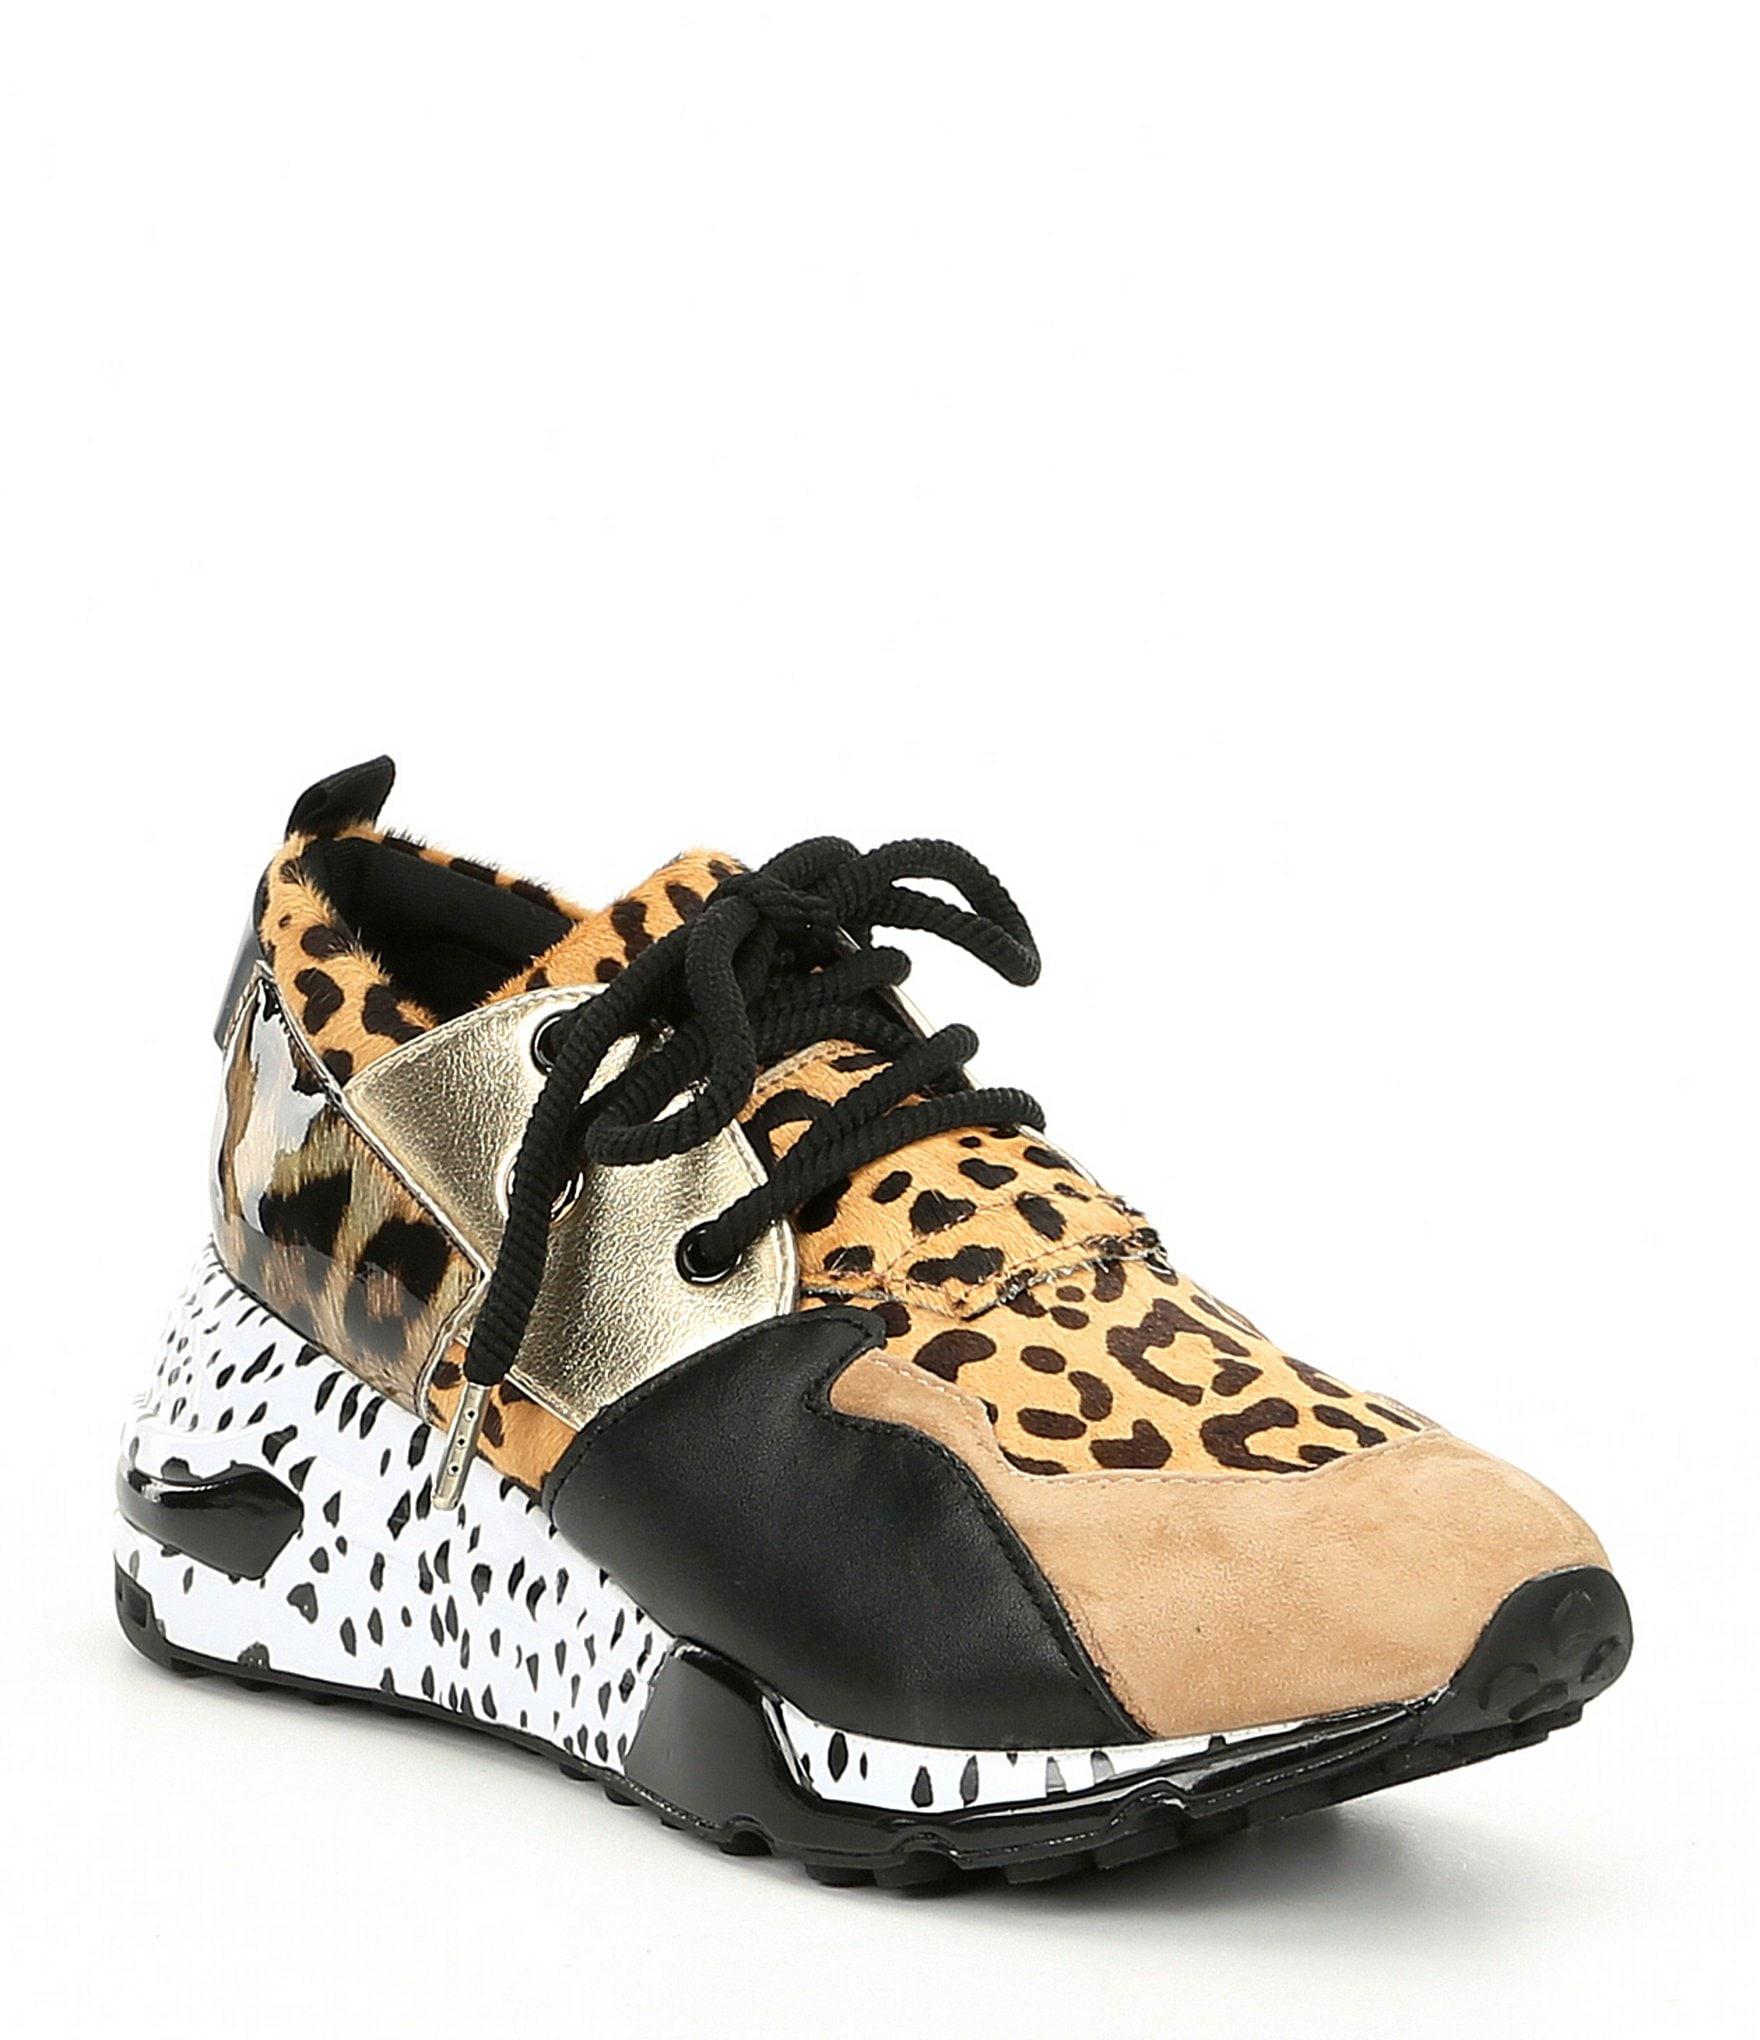 Steve Madden Shoes Dillards